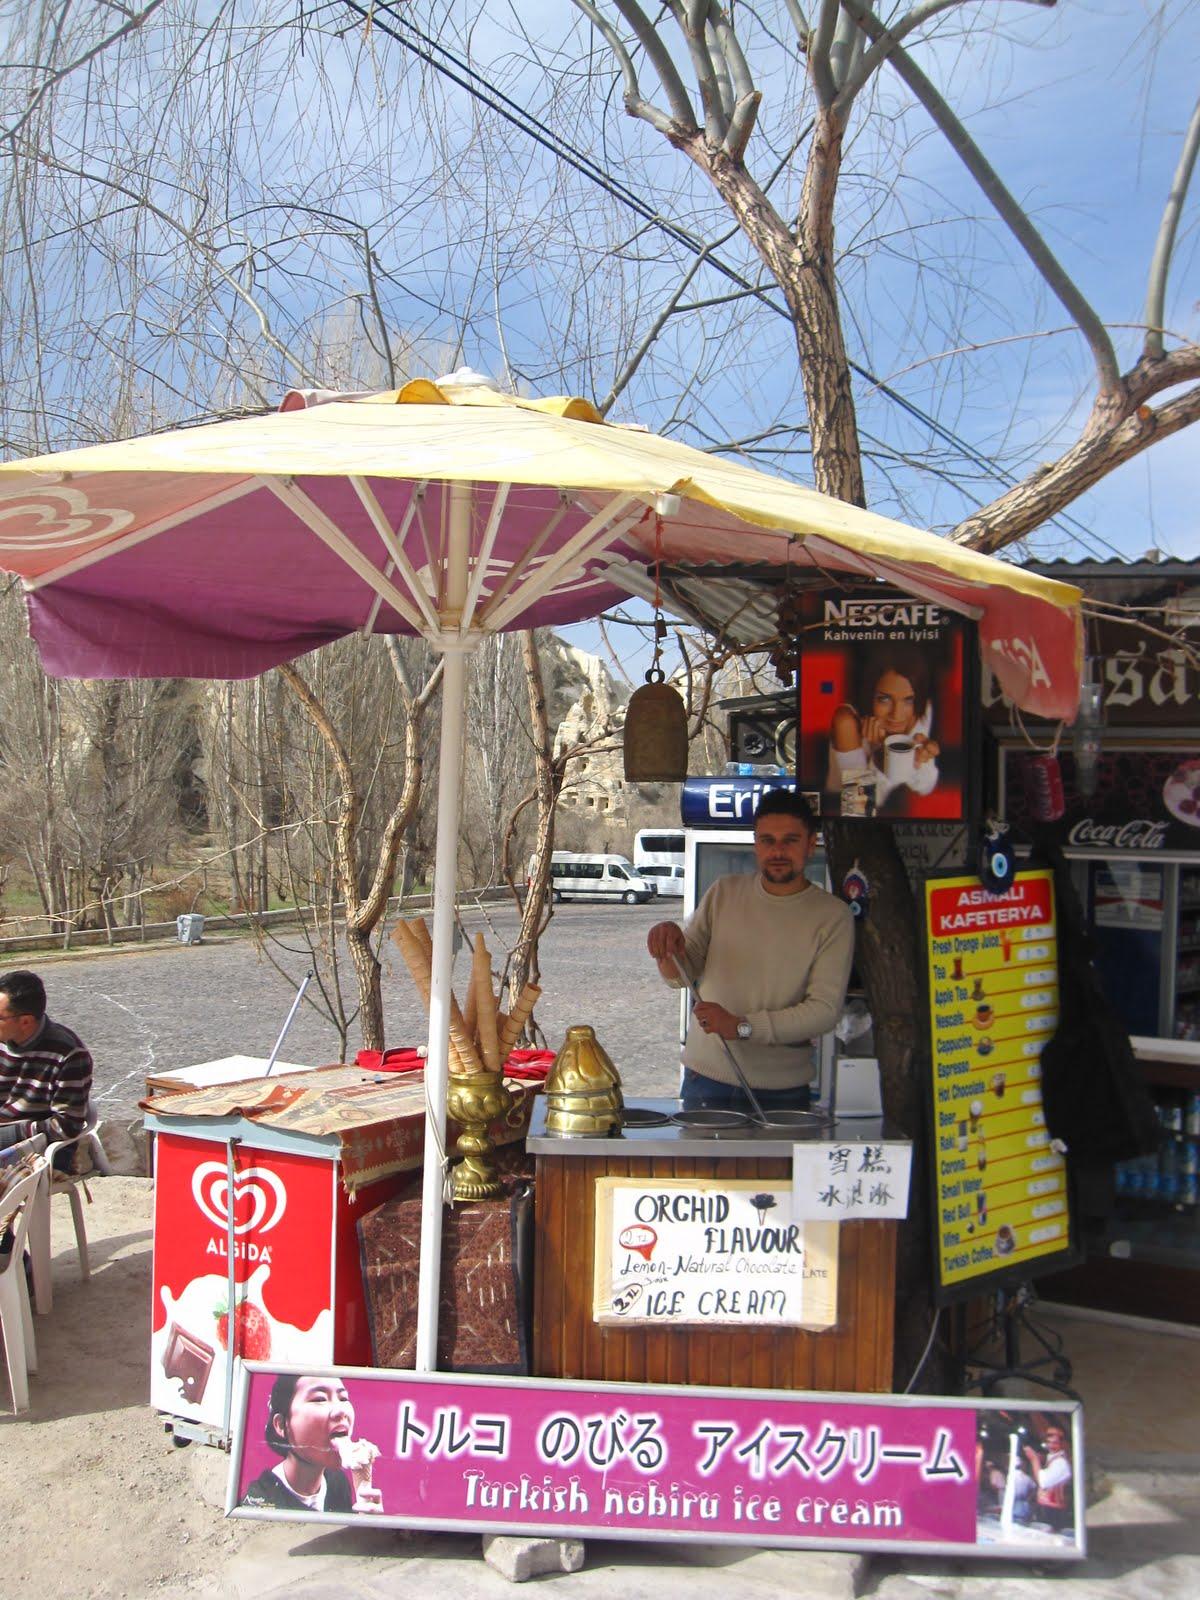 行家旅行社: 【行家悠遊土耳其day6】卡帕多奇亞